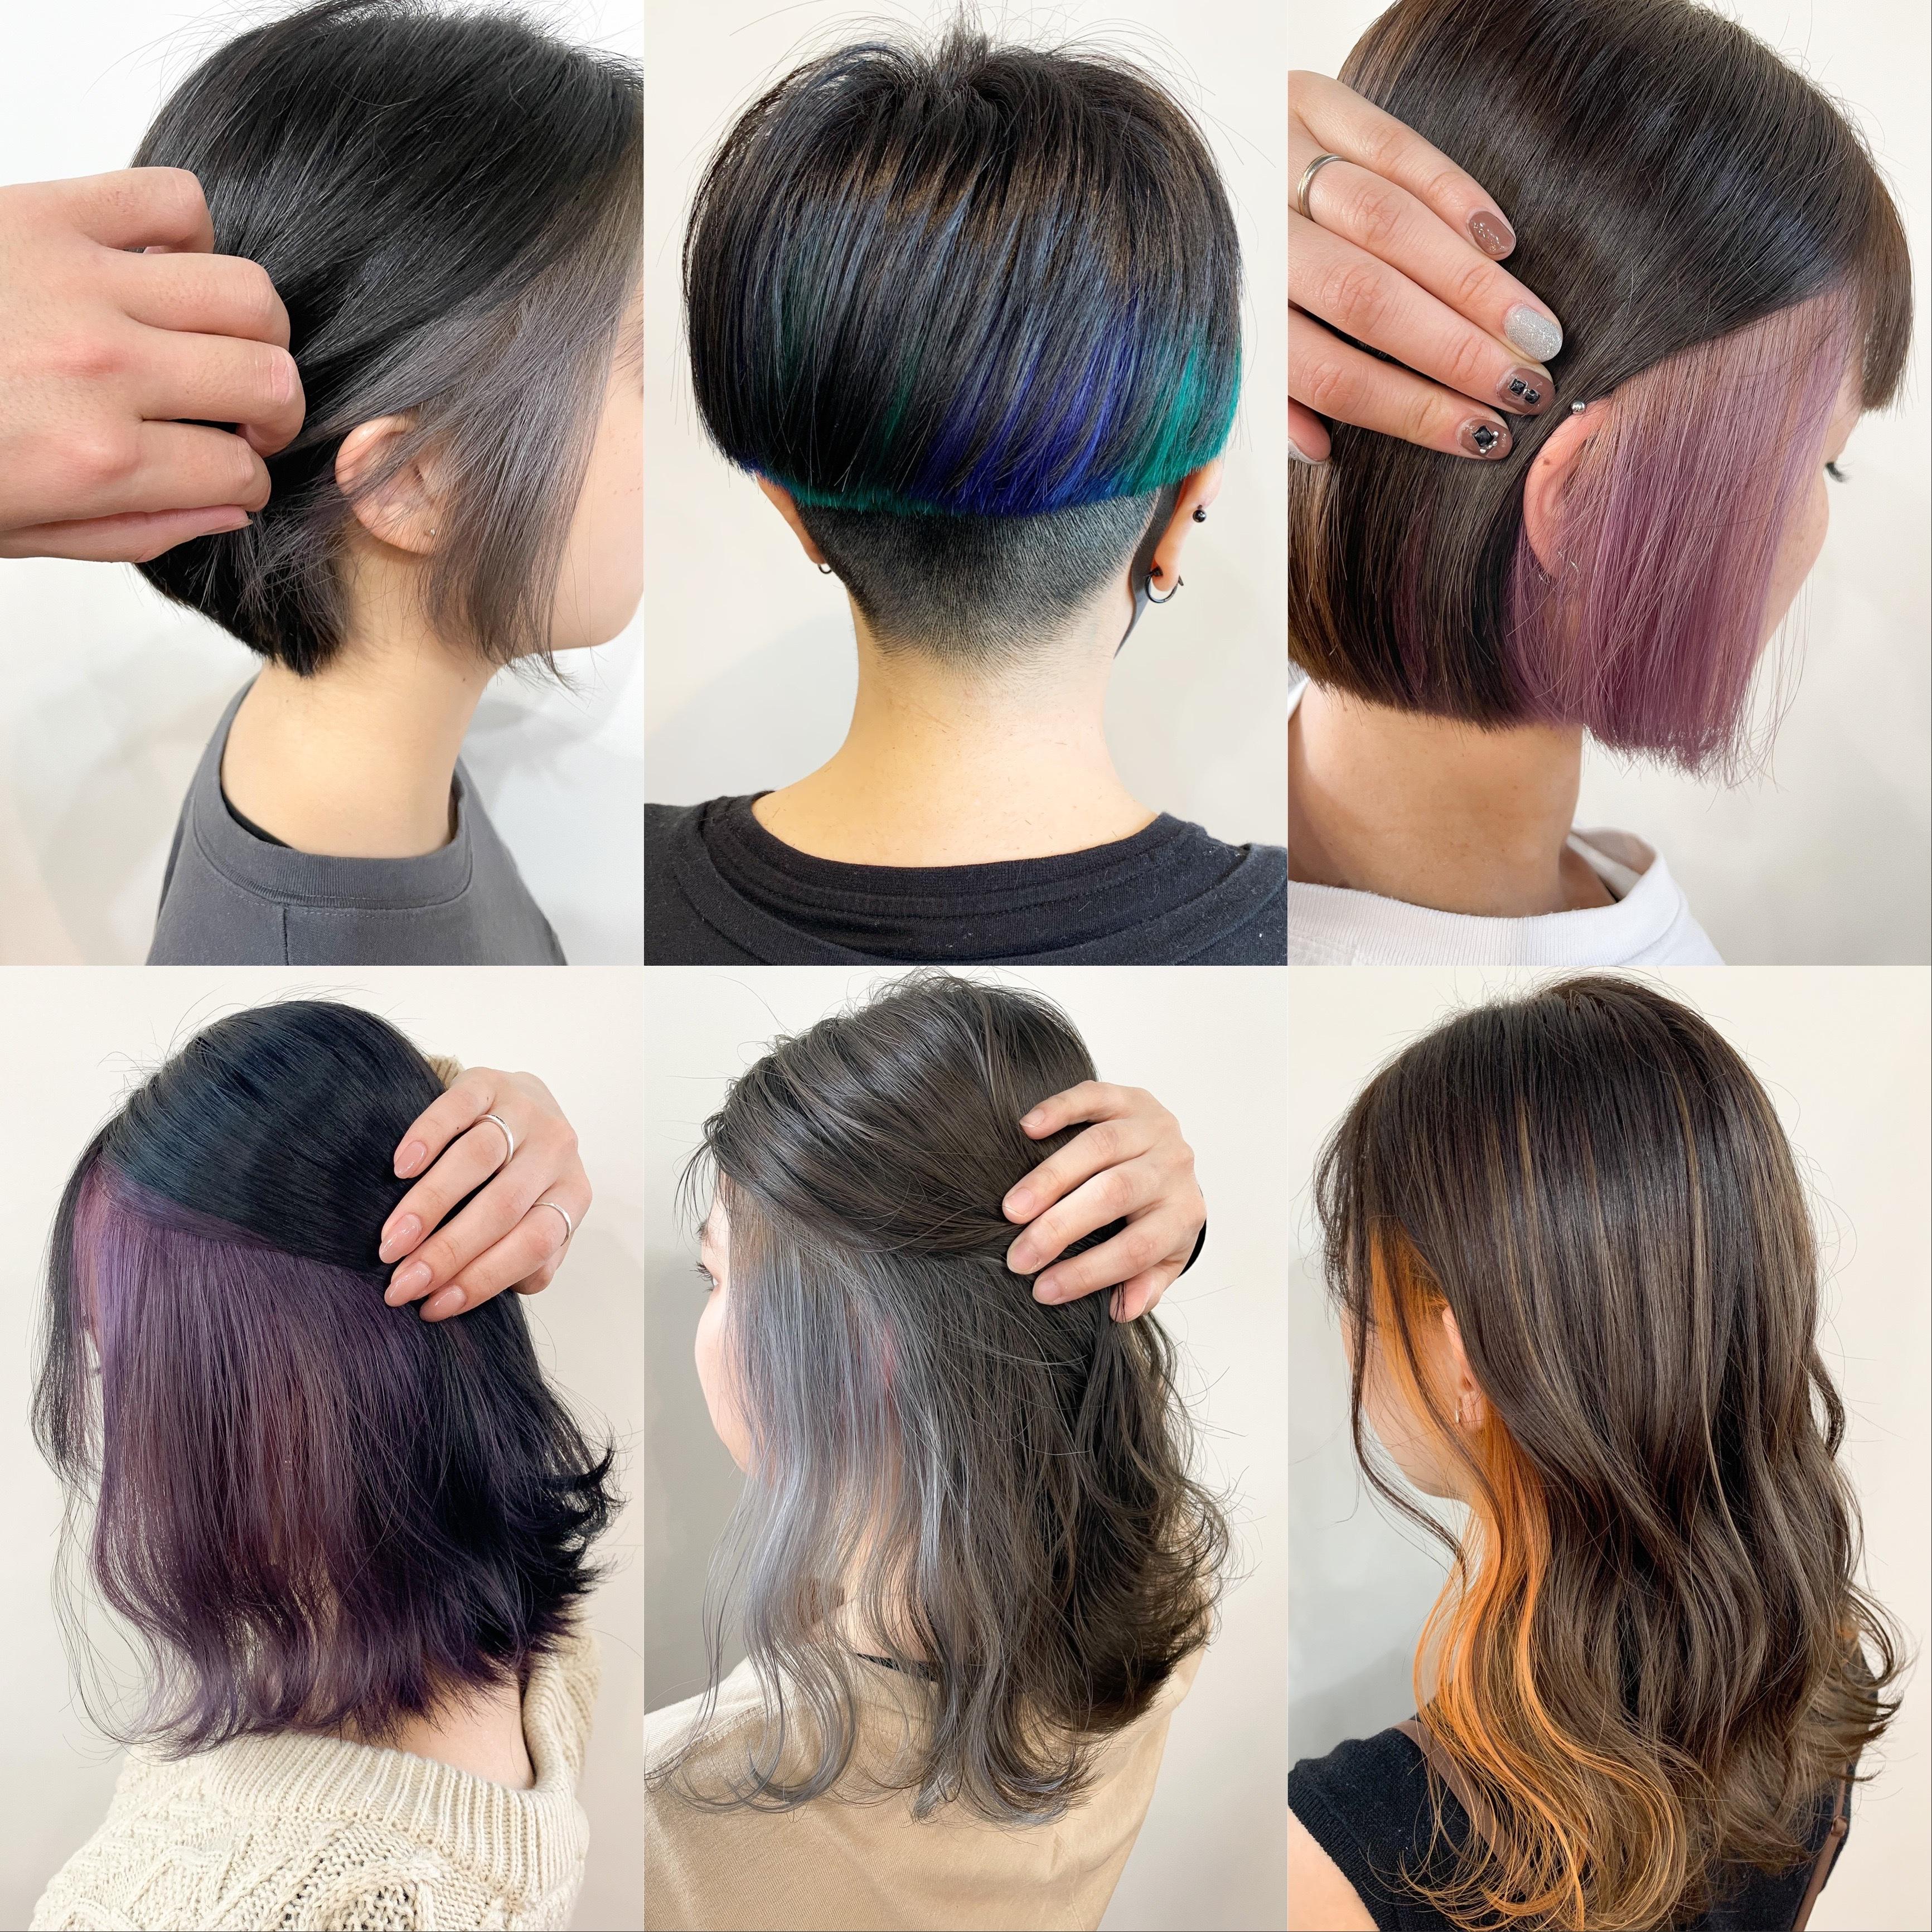 周りからも可愛い、格好いいと言われるヘアスタイル作りをしています♪